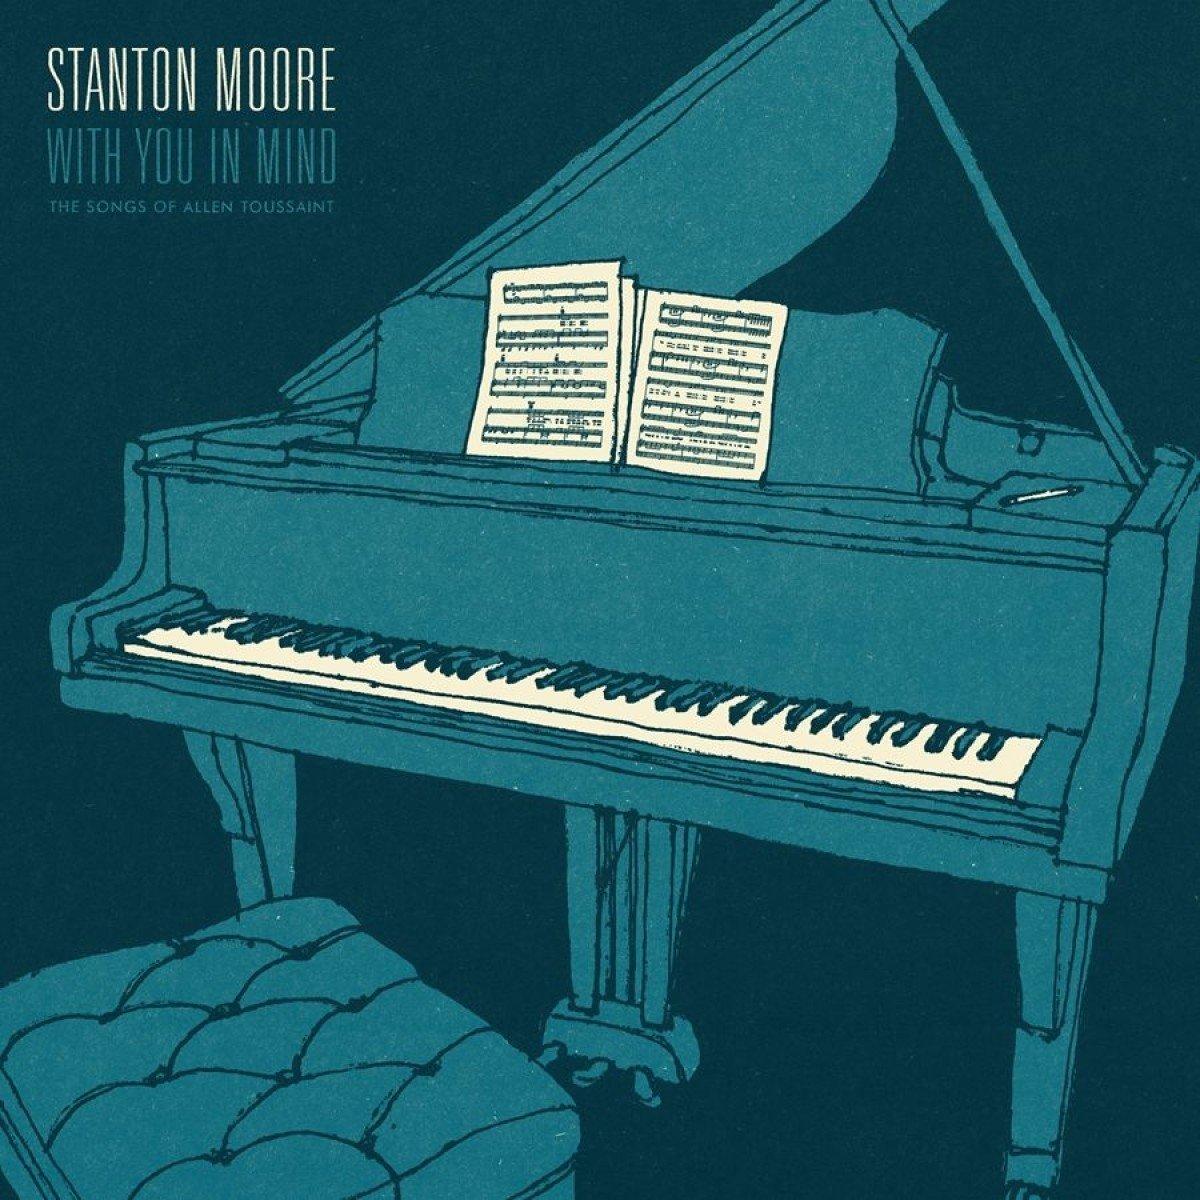 STANTON MOORE – Here come thegirls